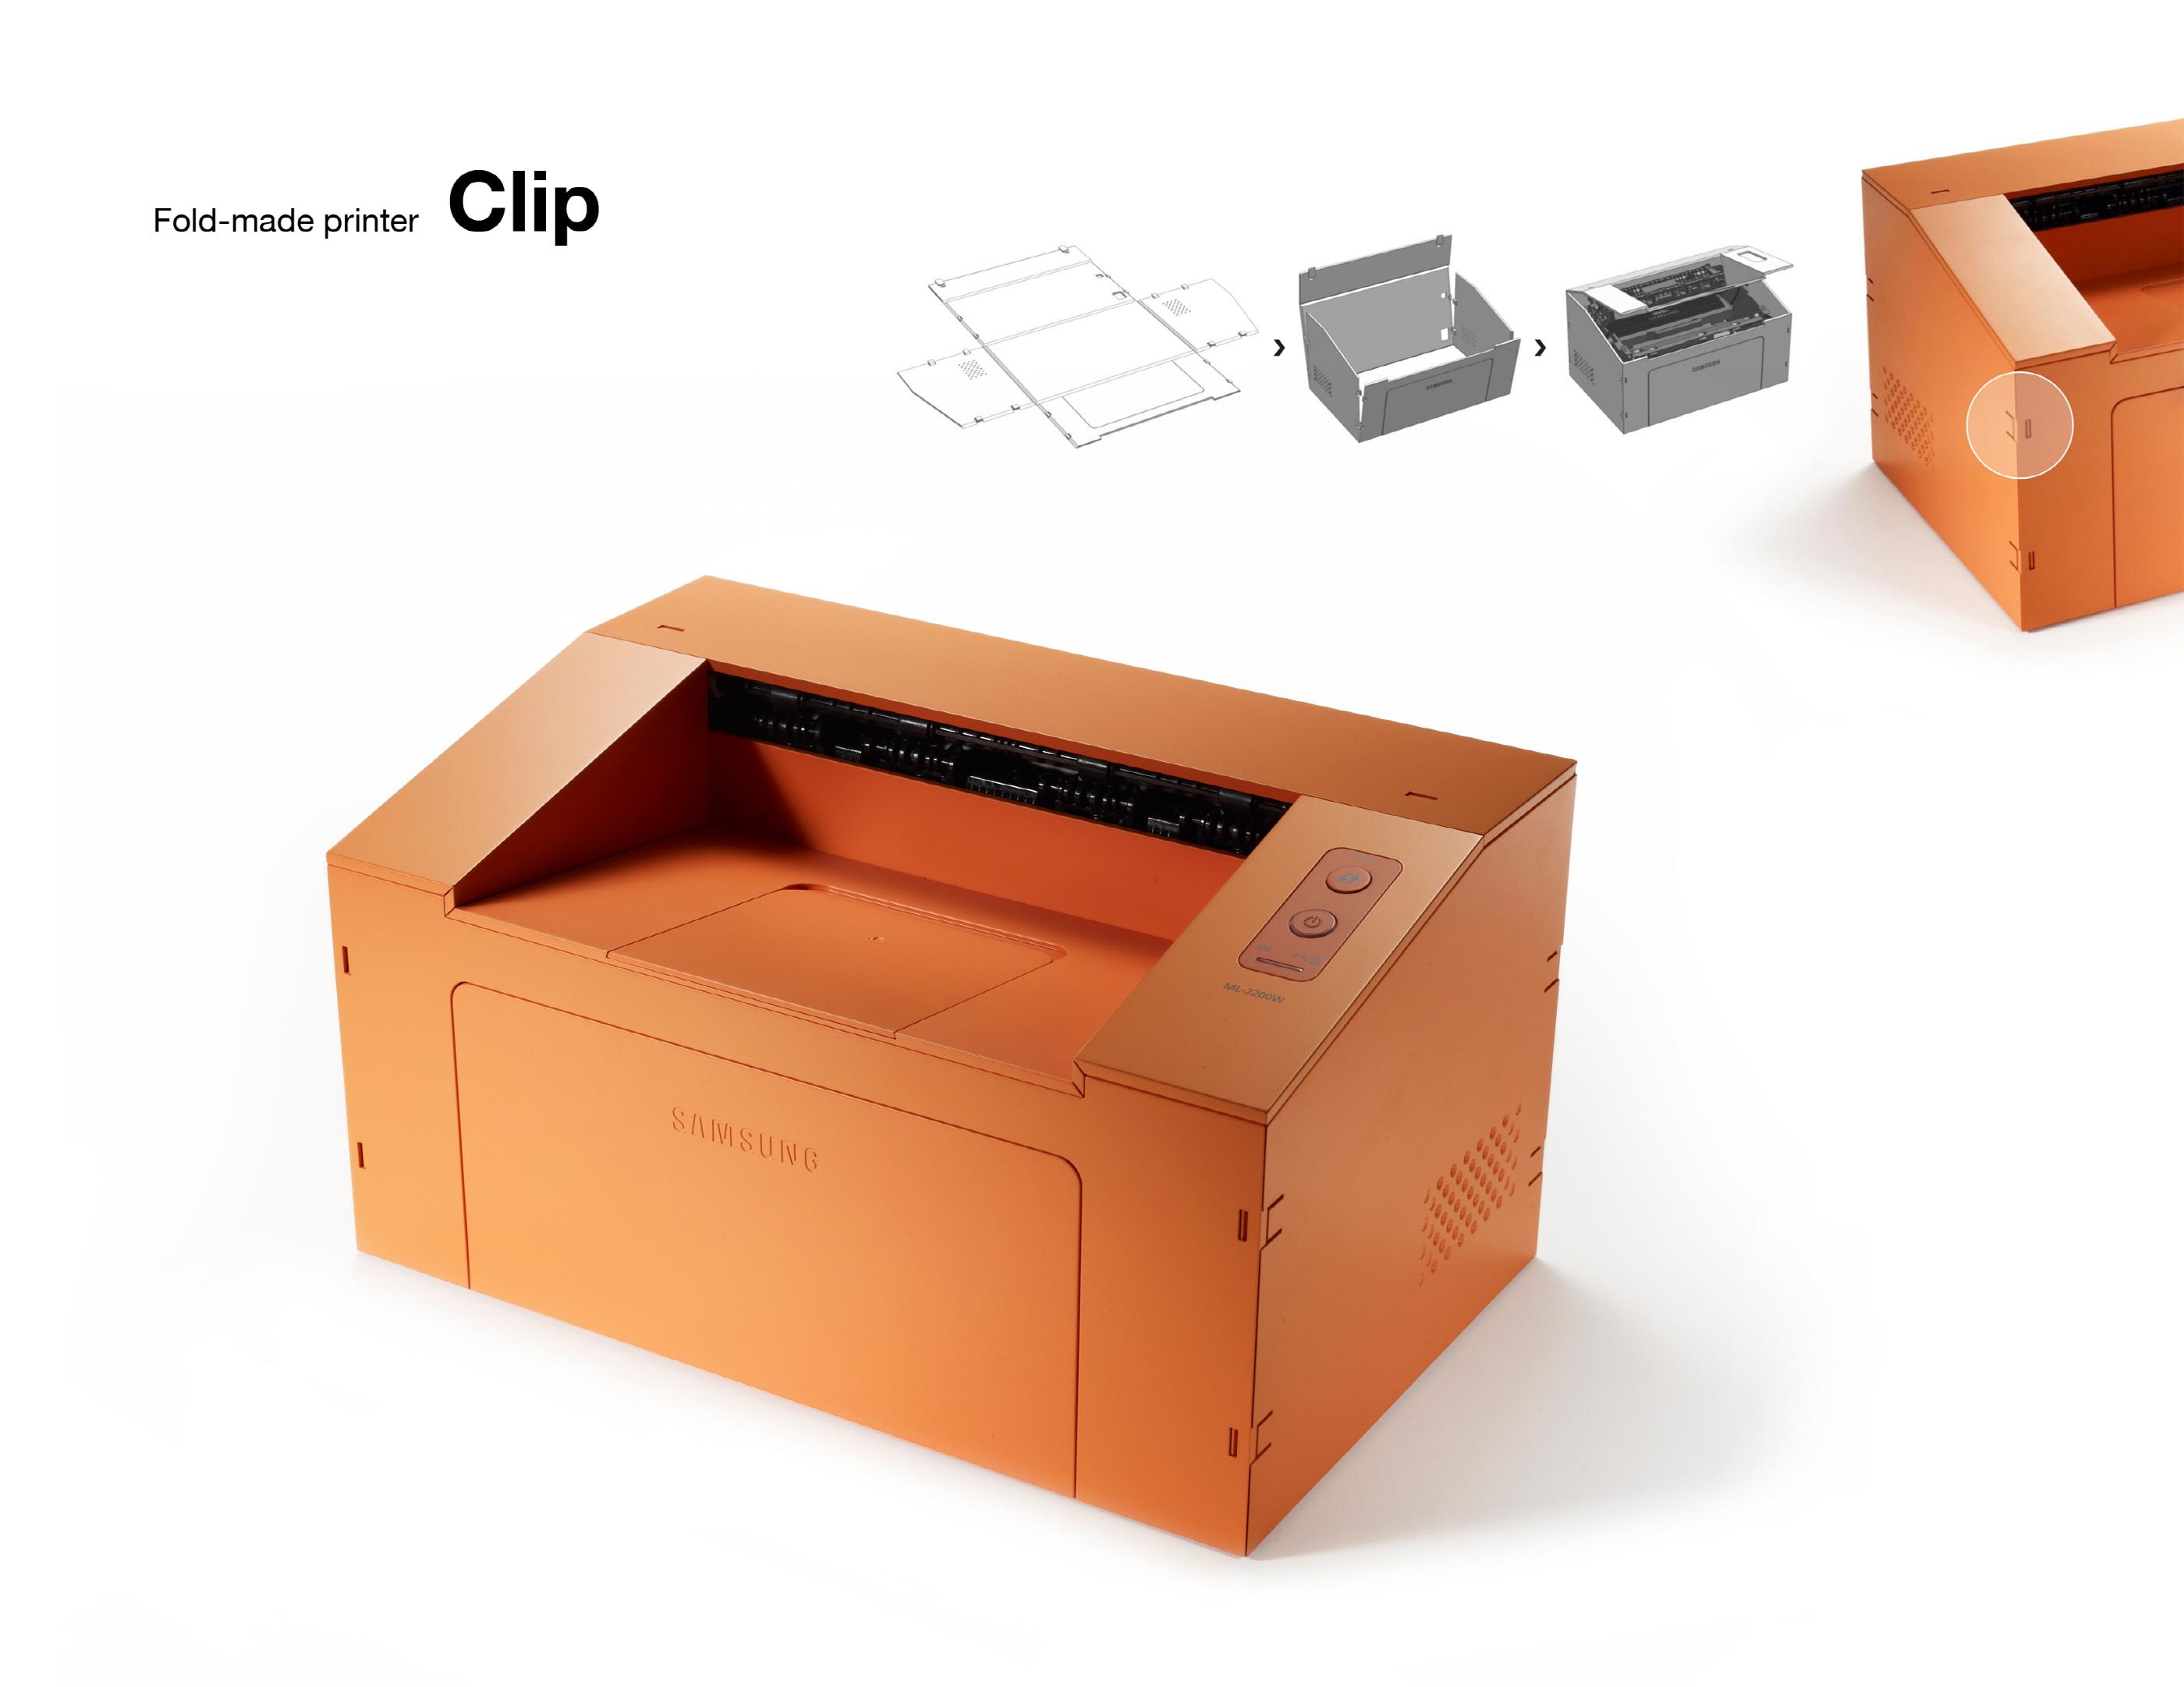 클립(Clip) 프린터입니다.